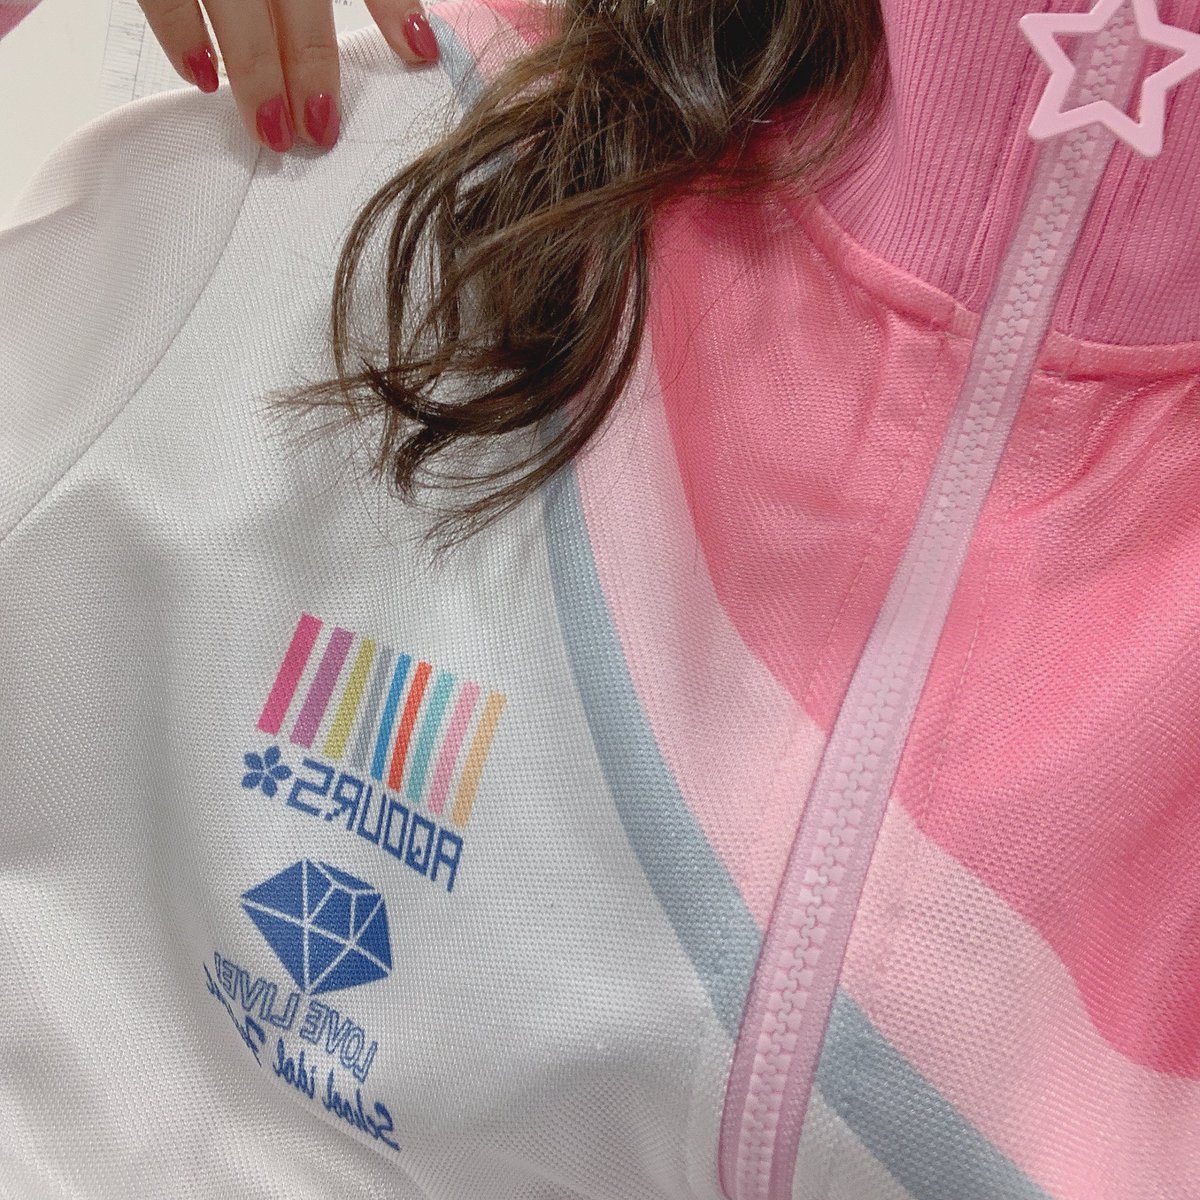 ラブライブフェス2日目。🌸梨子ちゃんと一緒に駆け抜けます!#lovelive#ラブライブフェス